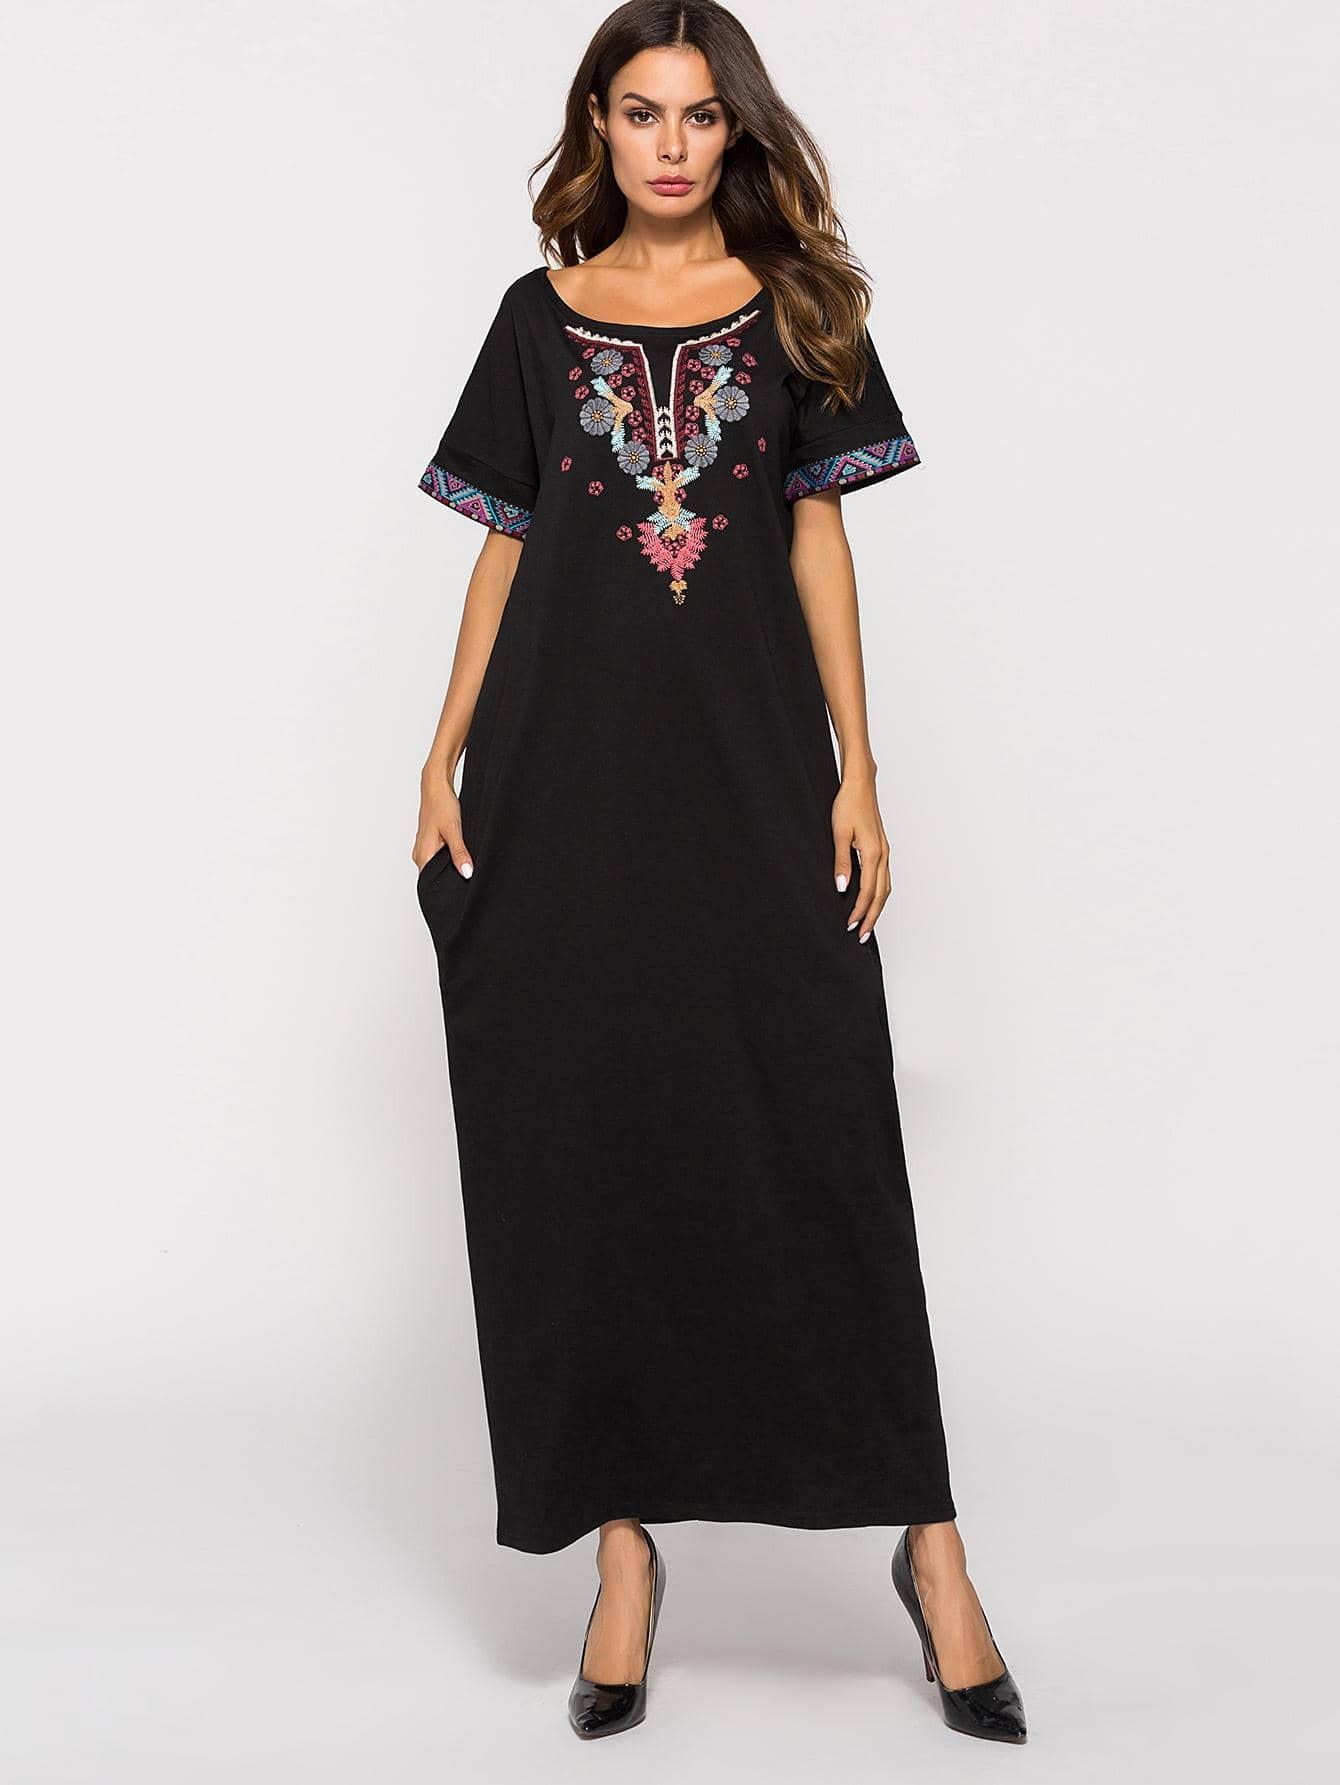 Купить Длинное платье с рисунками вышитыми, null, SheIn